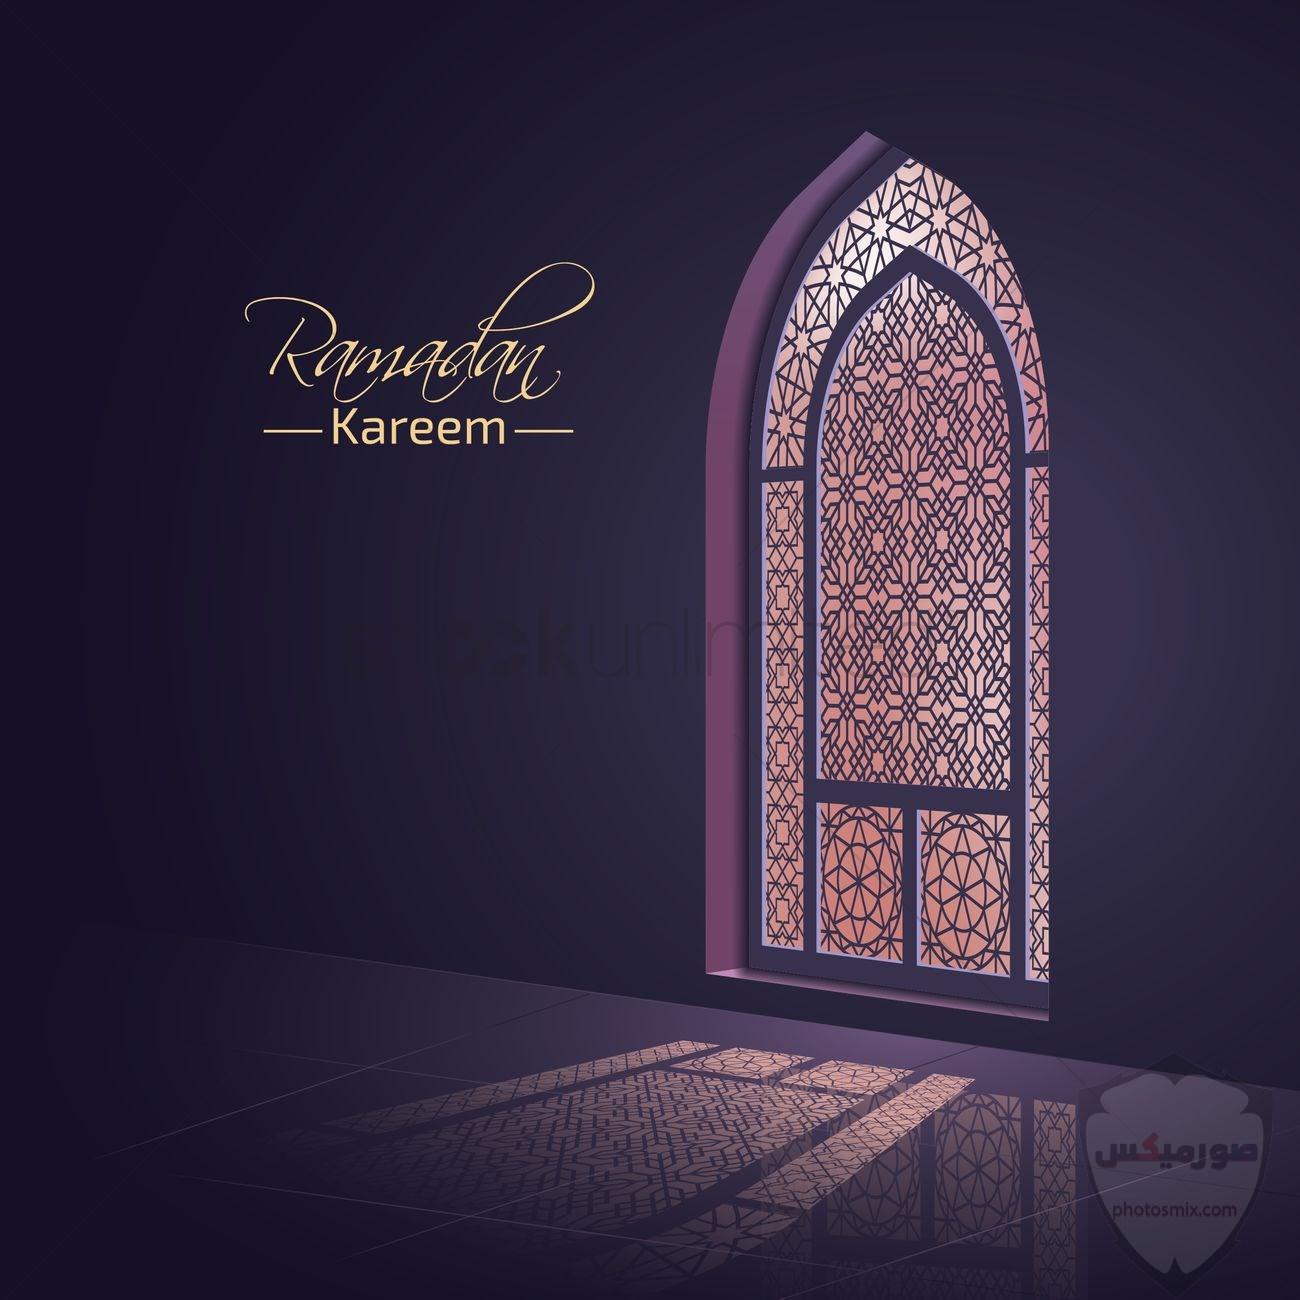 اجمل الصور رمضان كريم 12